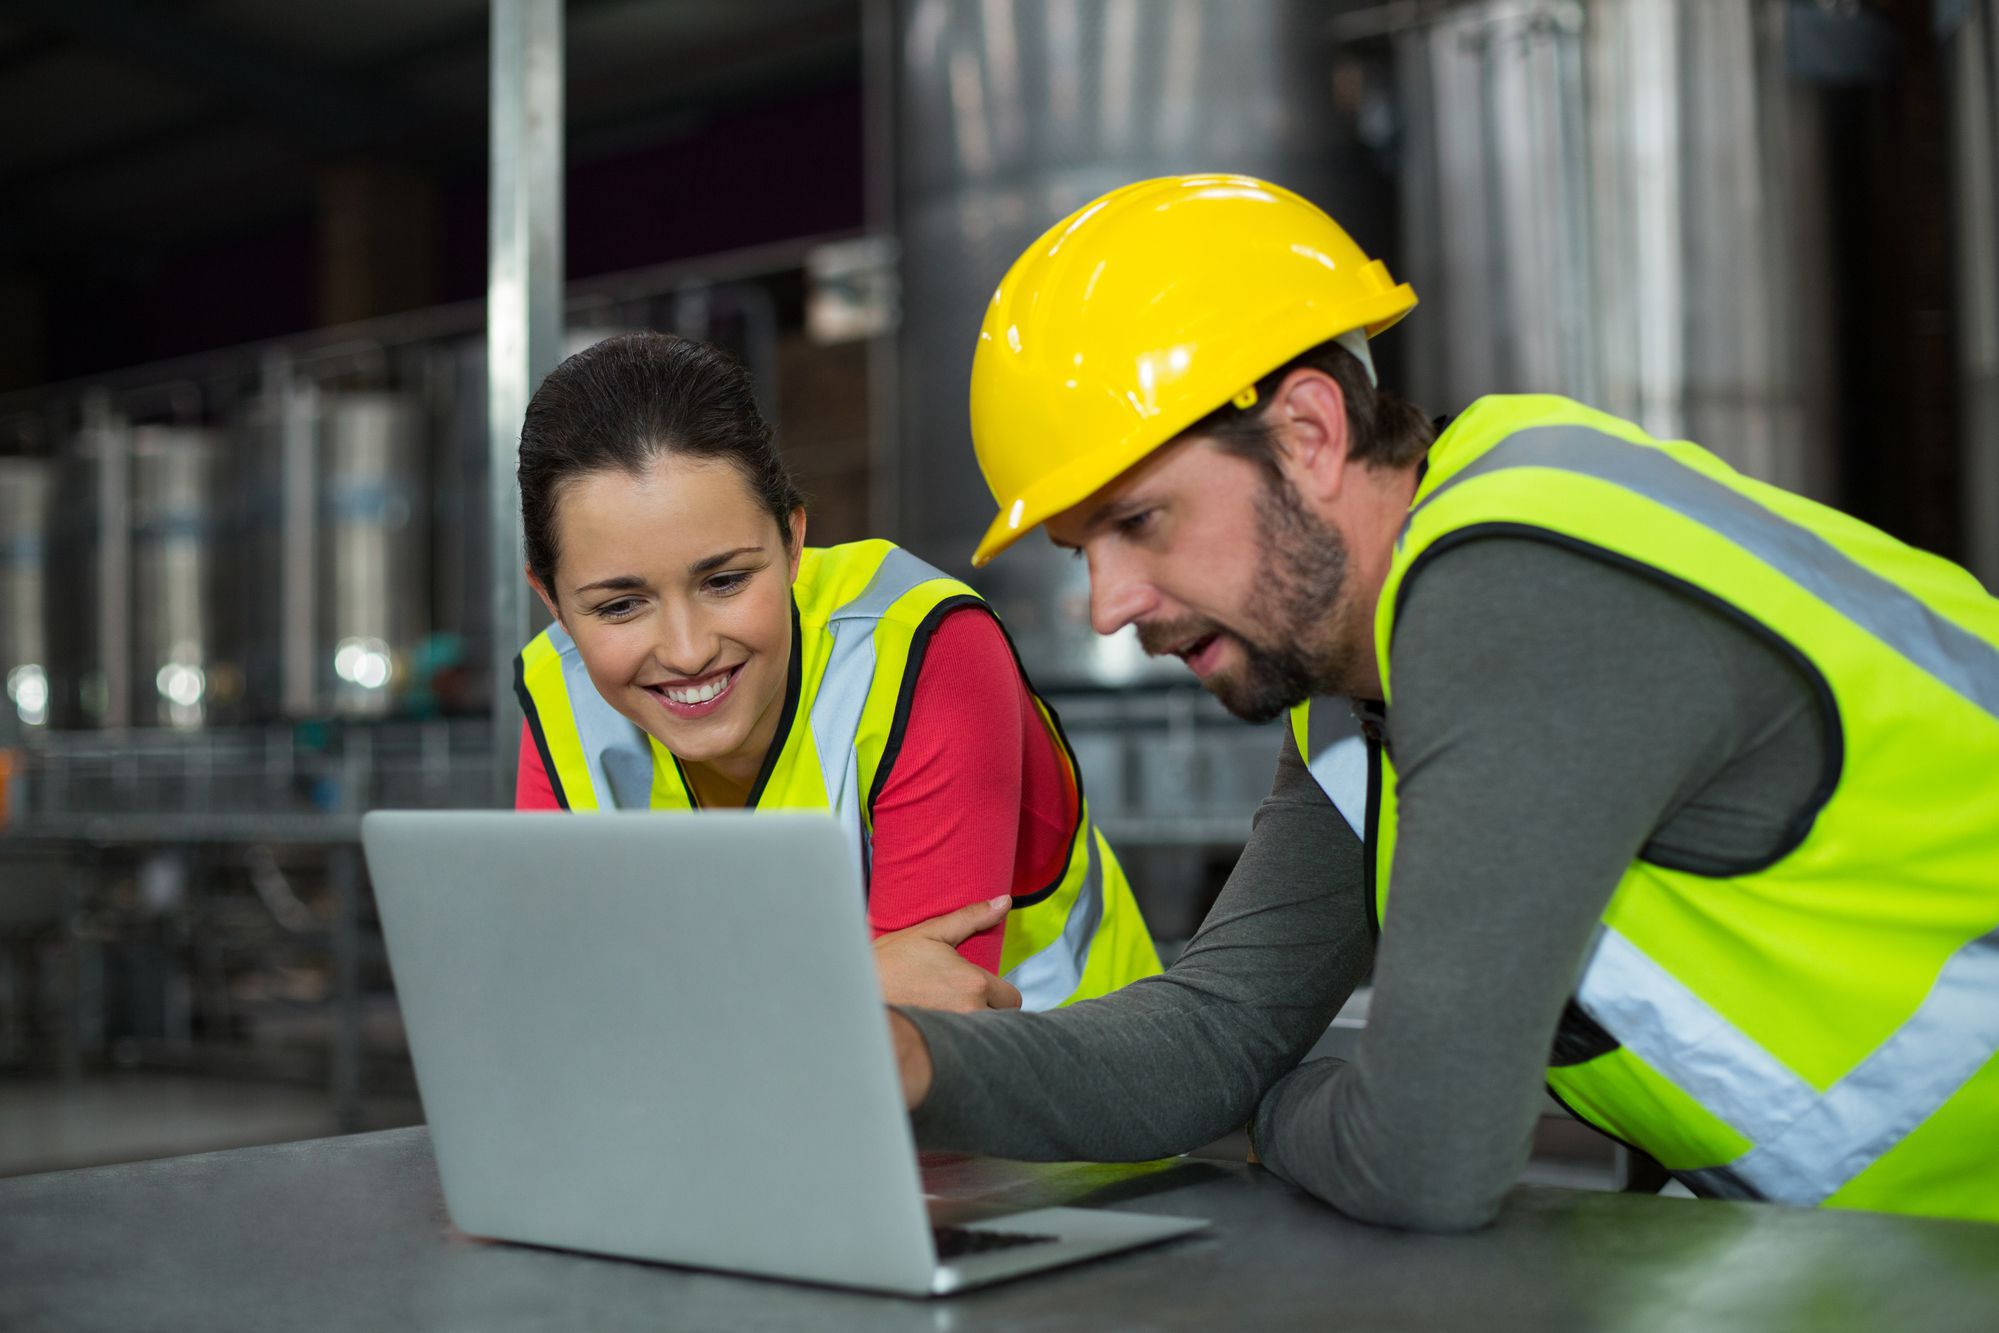 Principais custos e desperdícios da manutenção, como evitá-los?